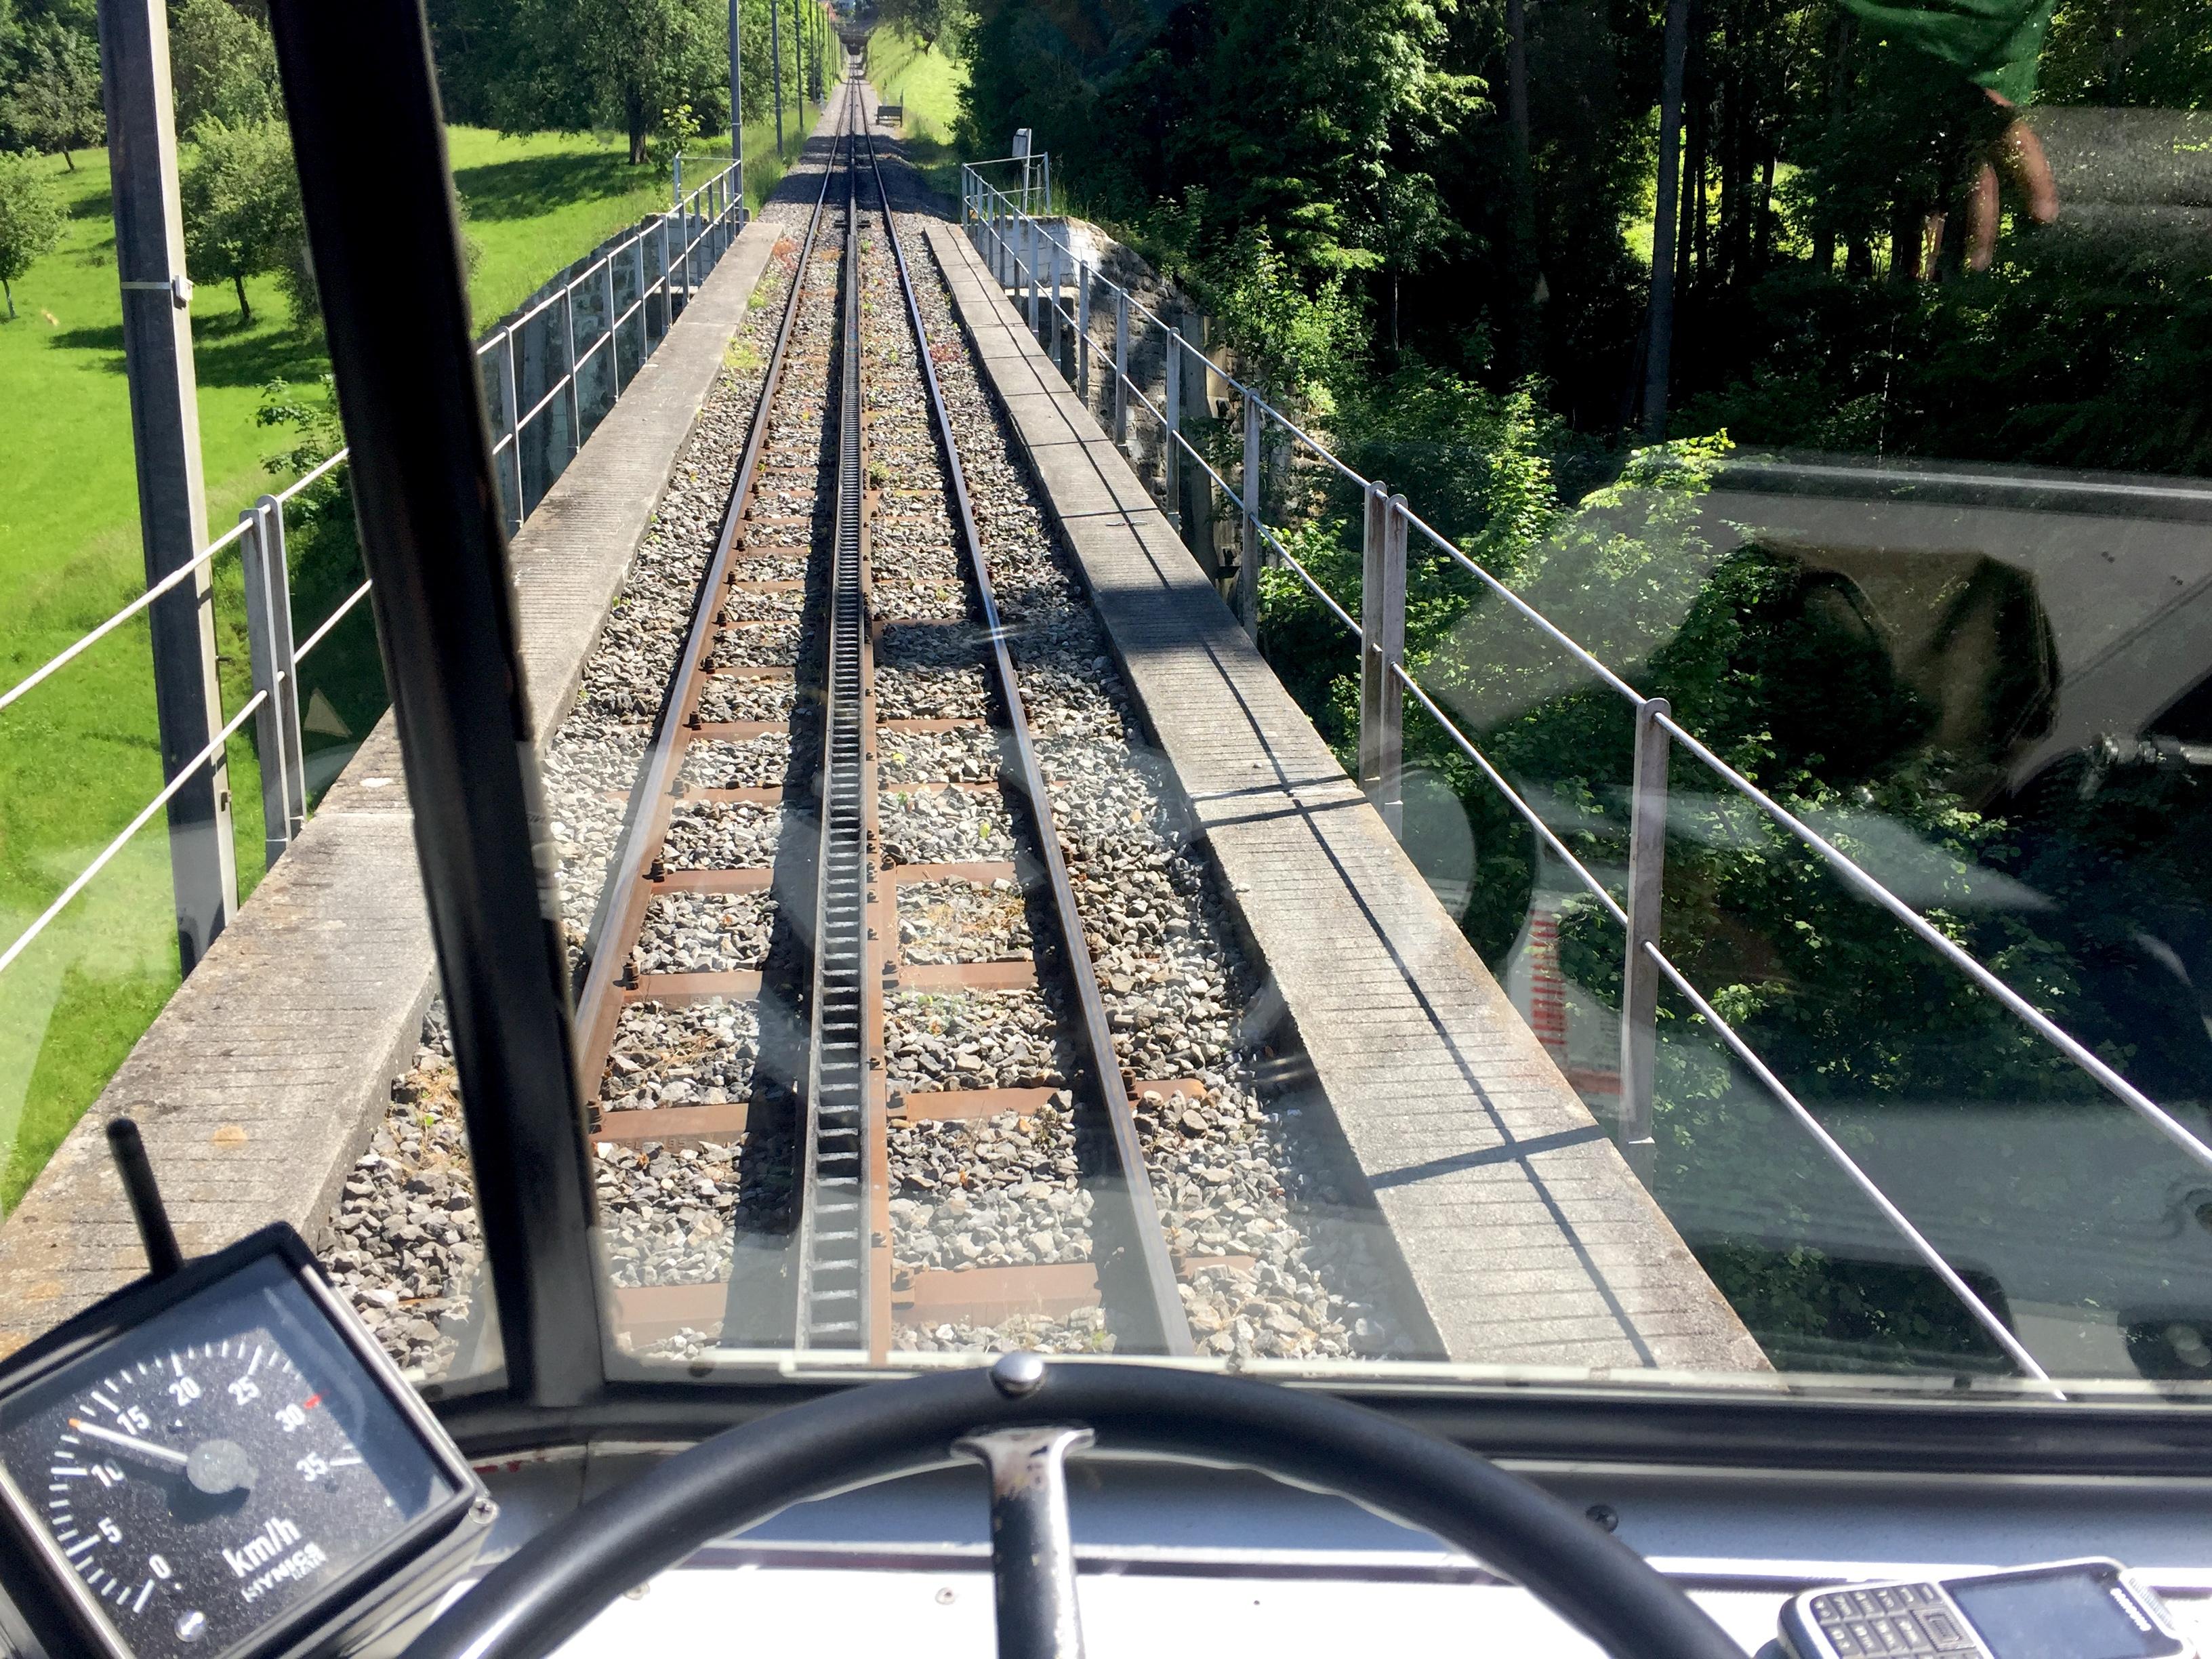 Mit der Zahnraddbahn fährt man bei diesem Ausflug mit Kindern von Walzenhausen nach Rheineck